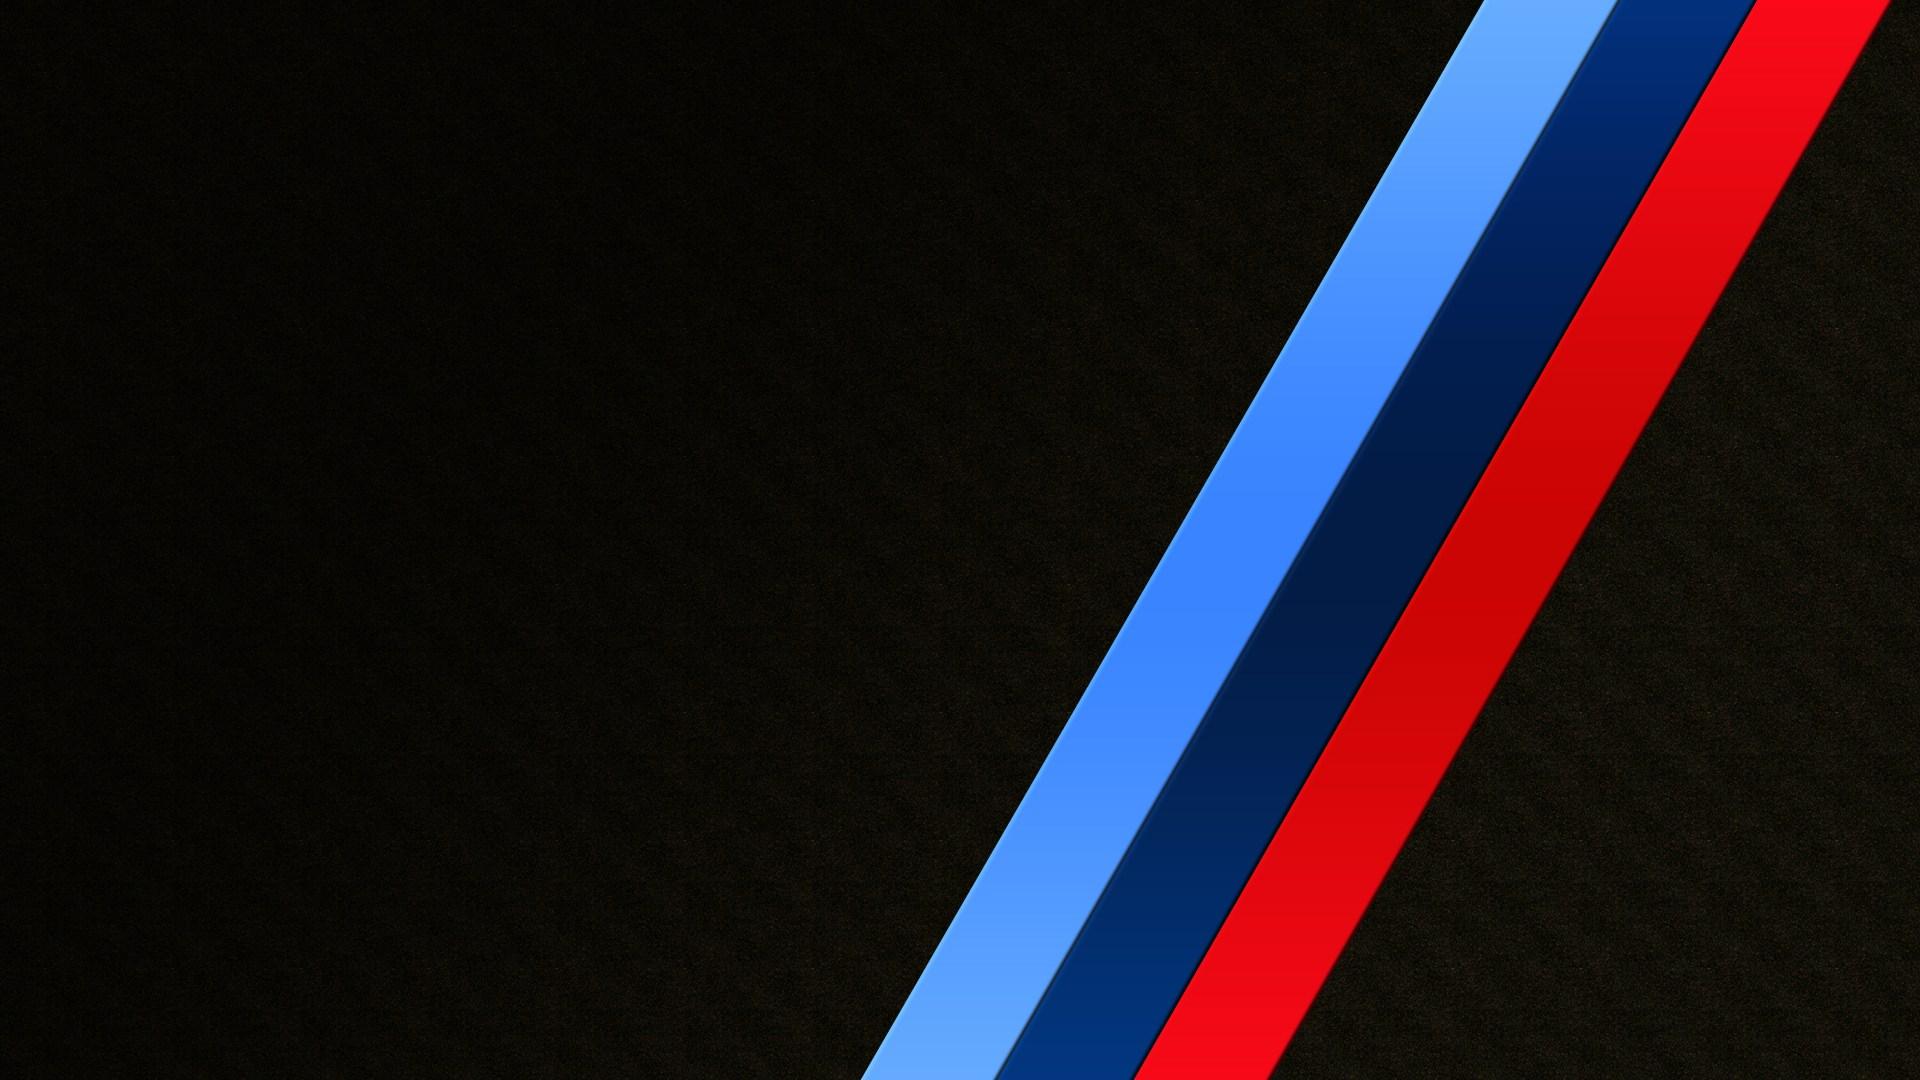 Bmw M Logo Wallpaper Wallpapersafari   Nano Trunk 1920x1080